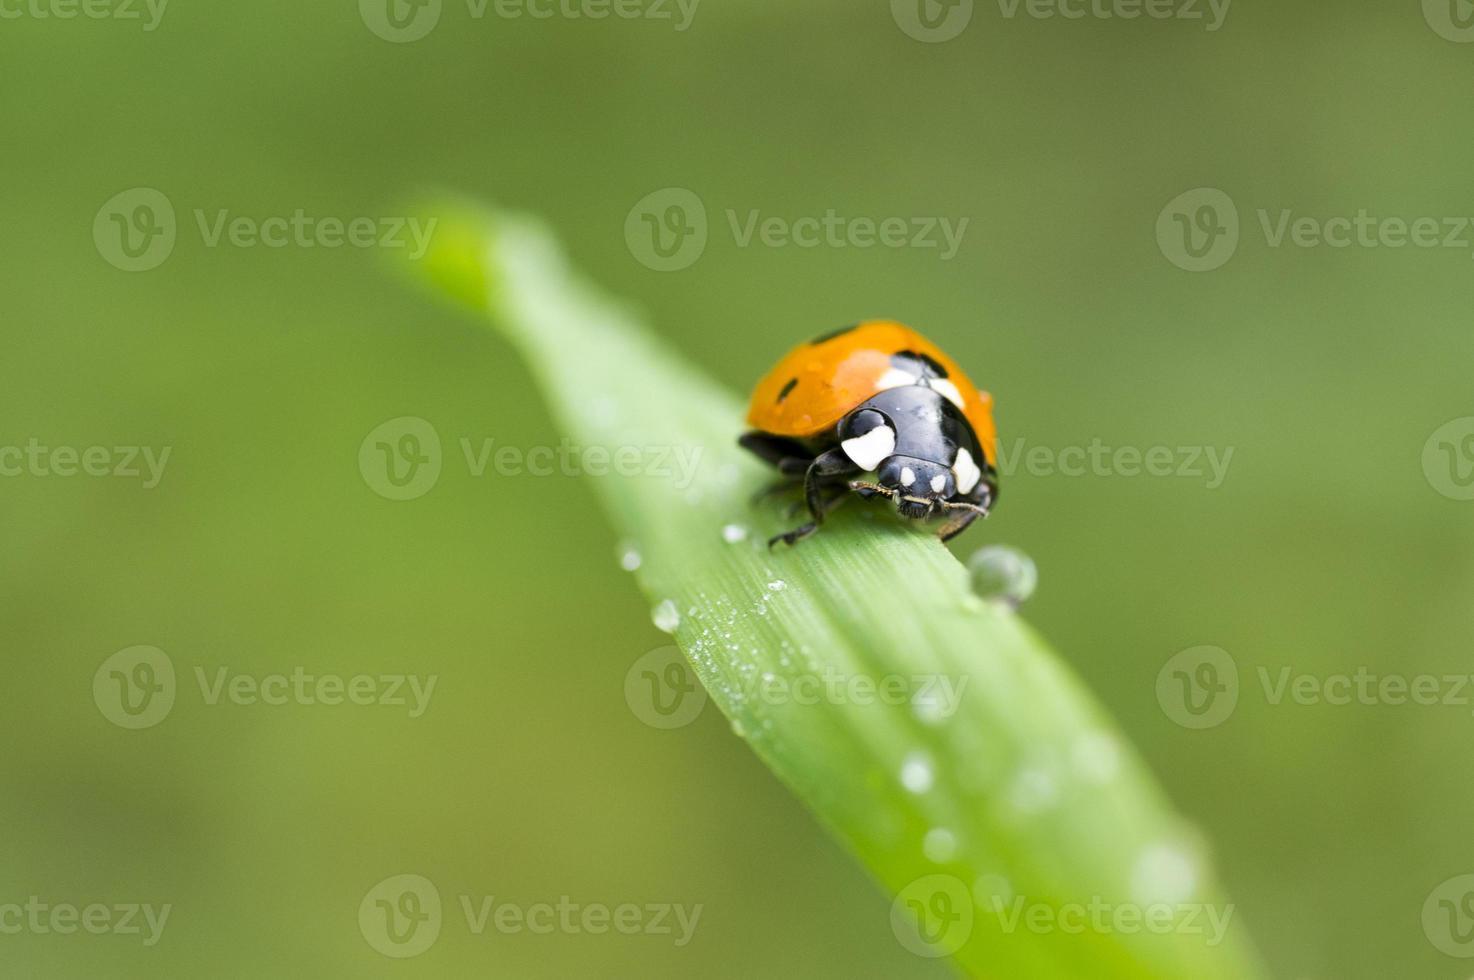 lieveheersbeestje, op een grassprietje met ochtenddauw foto